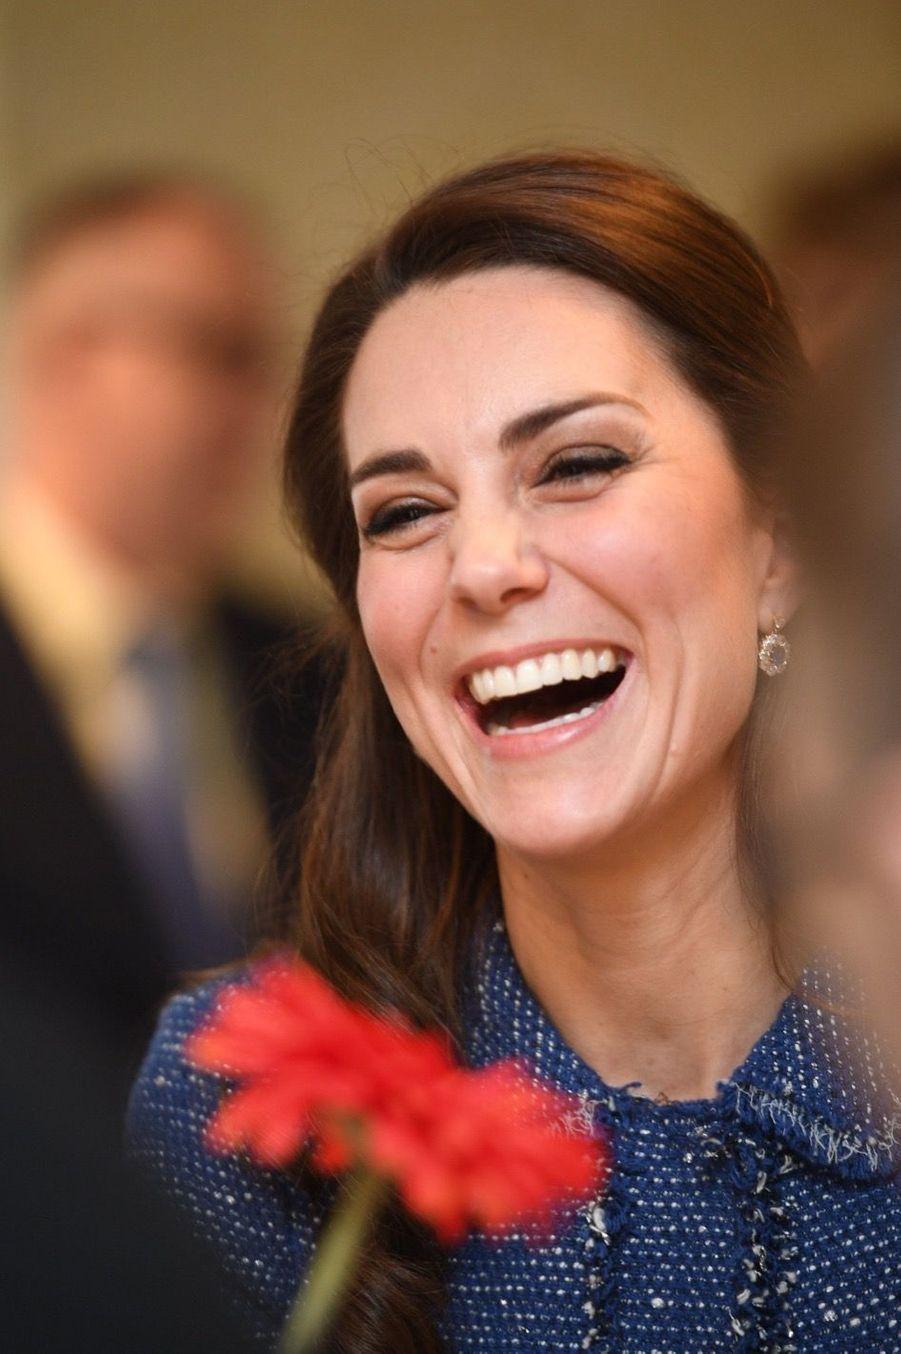 Kate Middleton À L'inauguration De La Maison Ronald McDonald À Londres, Le 28 Février 2017 7